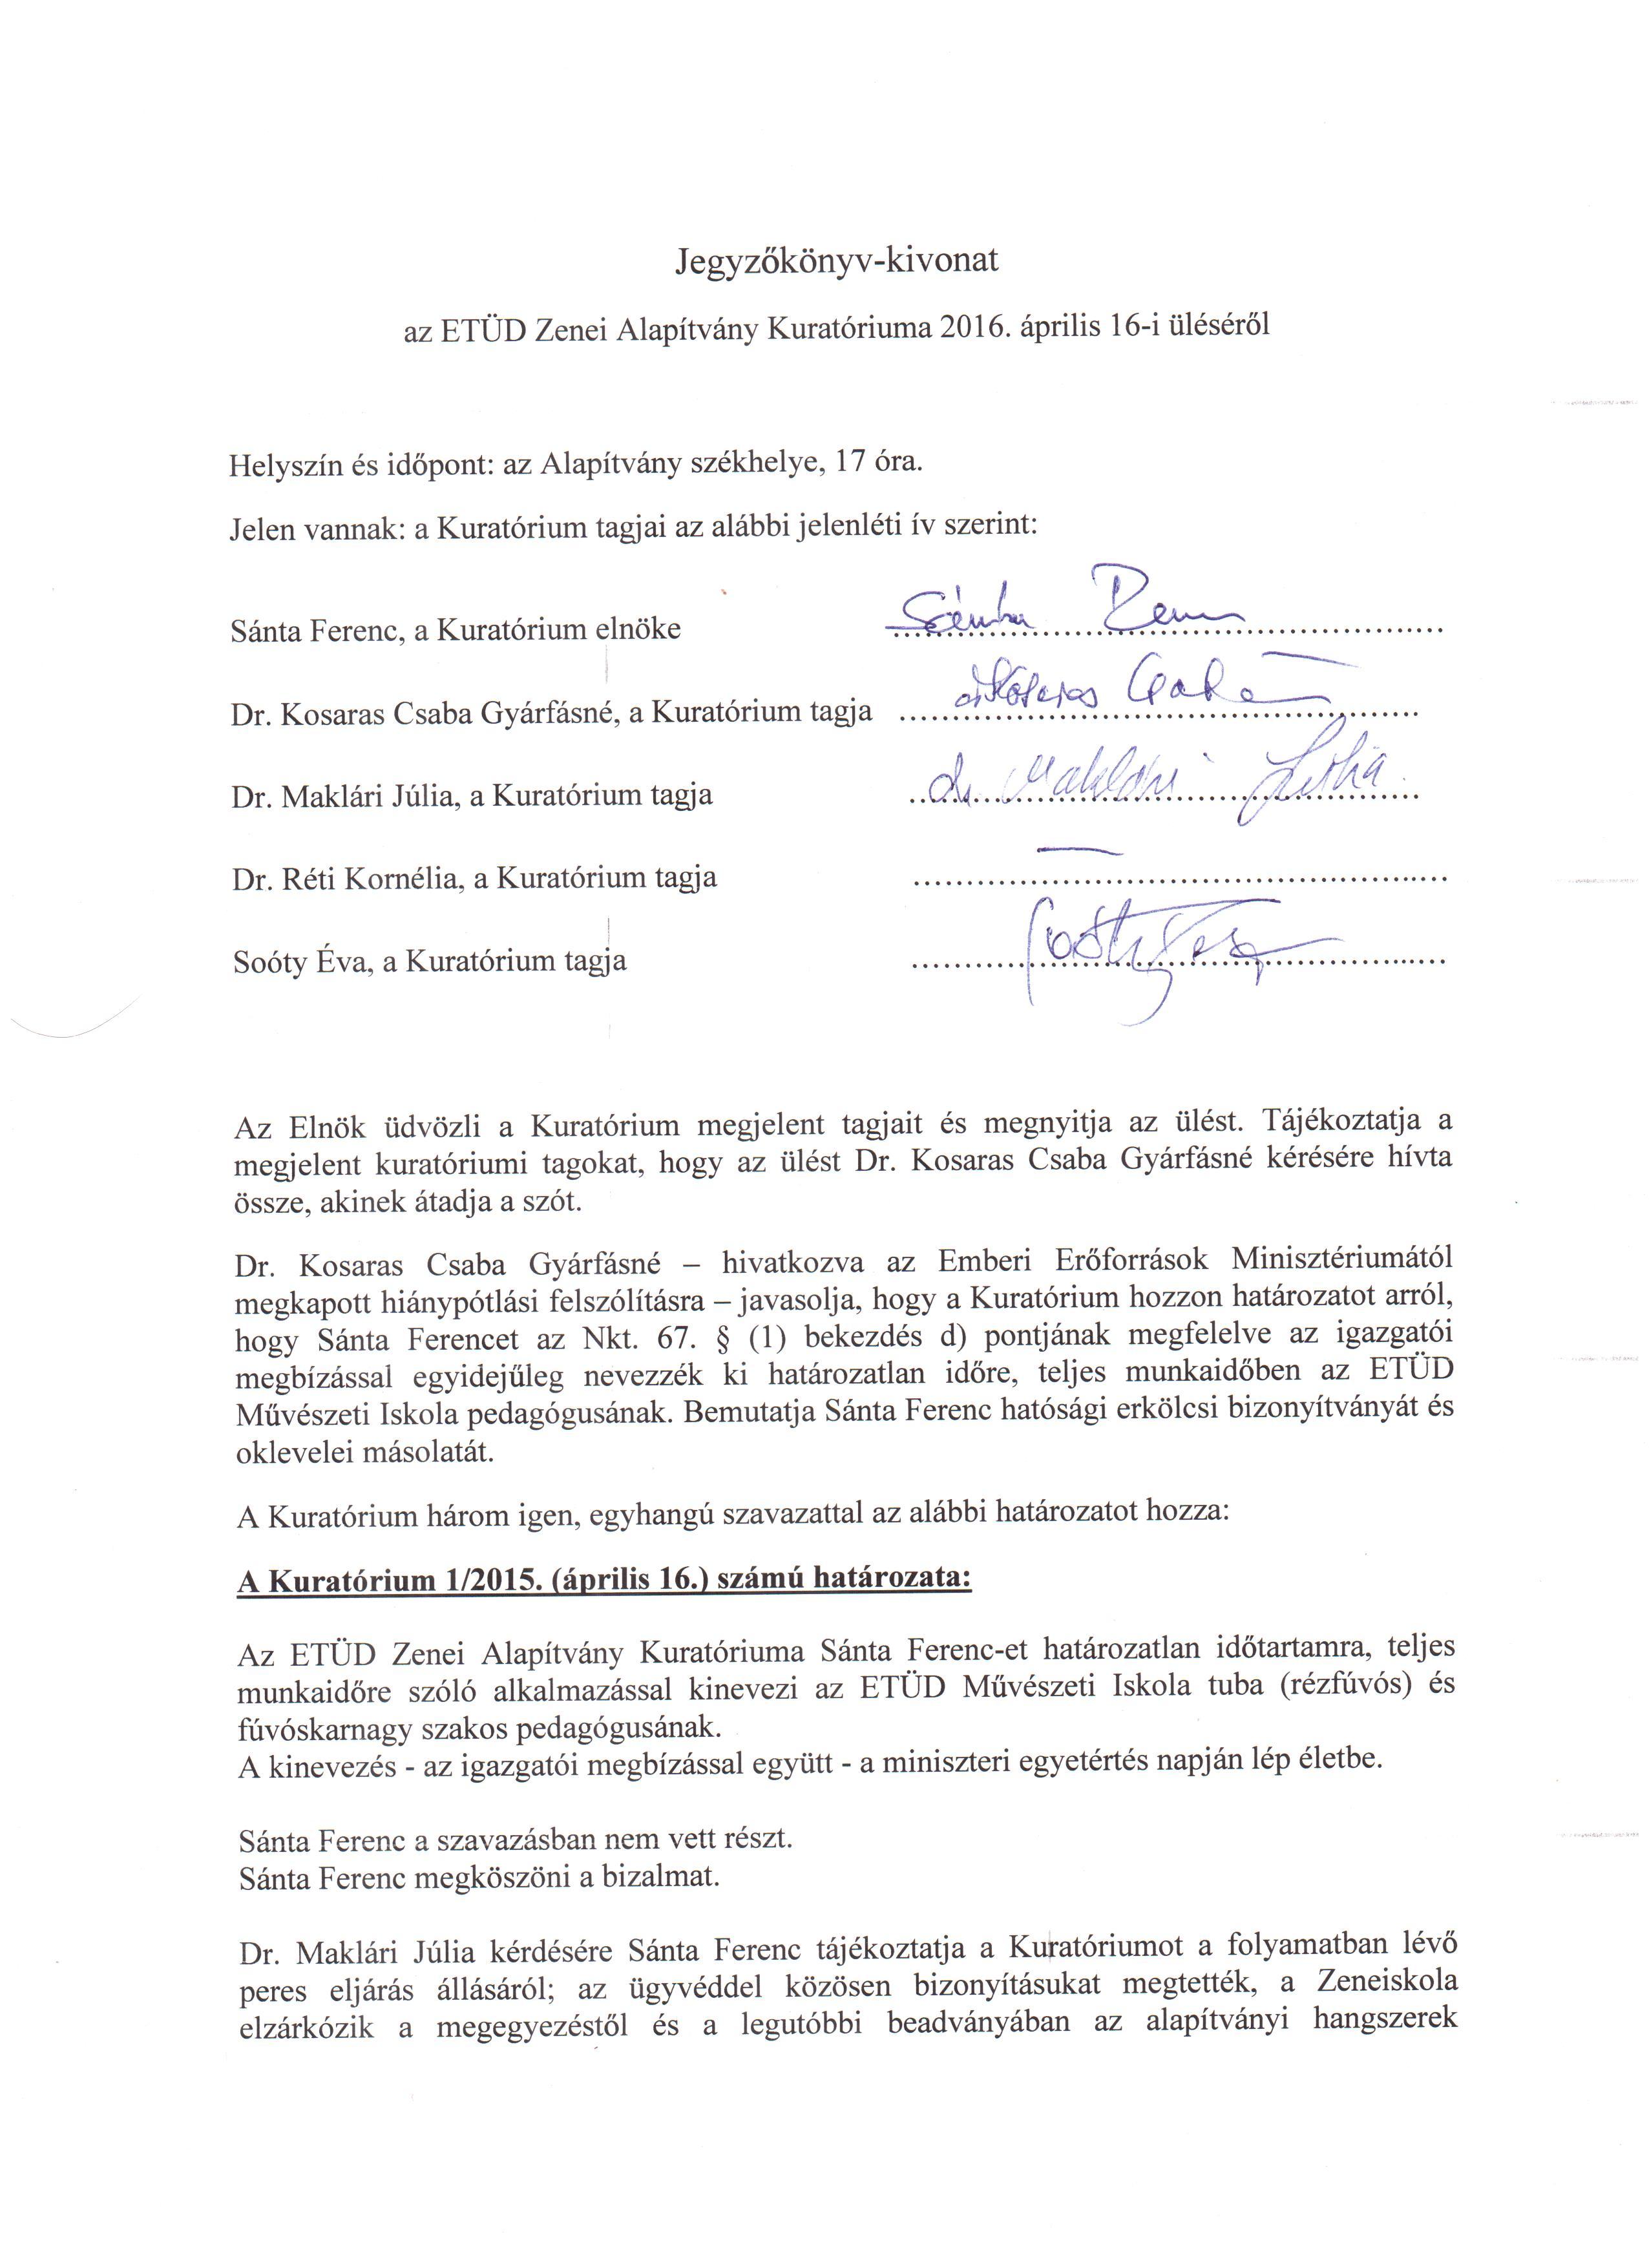 Jegyzőkönyv-kivonat a Kuratórium 2016. április 16-i üléséről